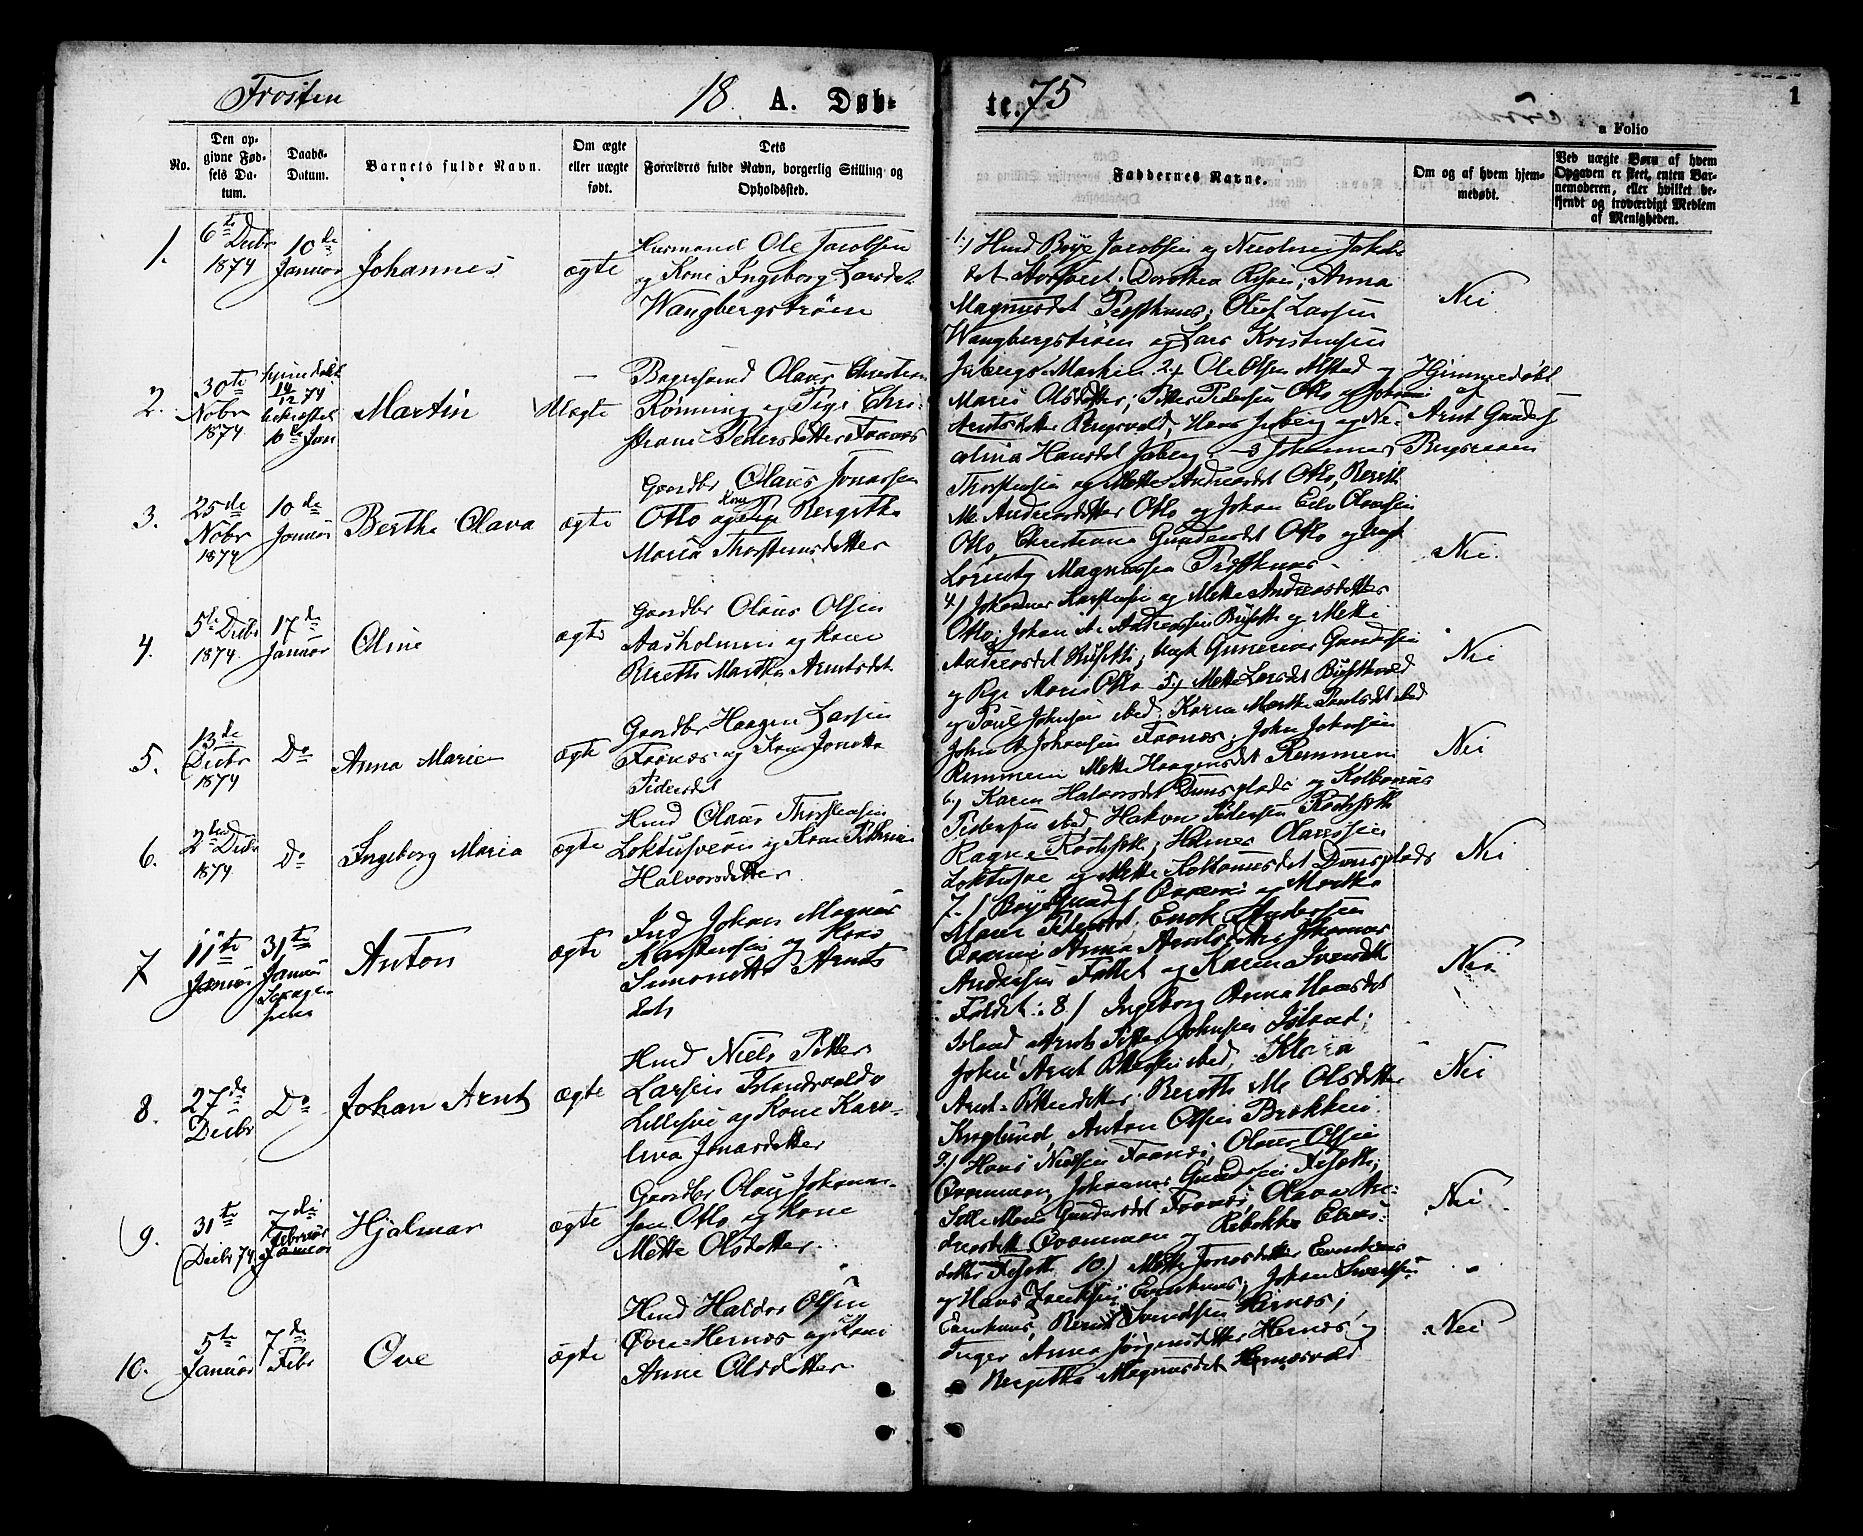 SAT, Ministerialprotokoller, klokkerbøker og fødselsregistre - Nord-Trøndelag, 713/L0118: Ministerialbok nr. 713A08 /1, 1875-1877, s. 1